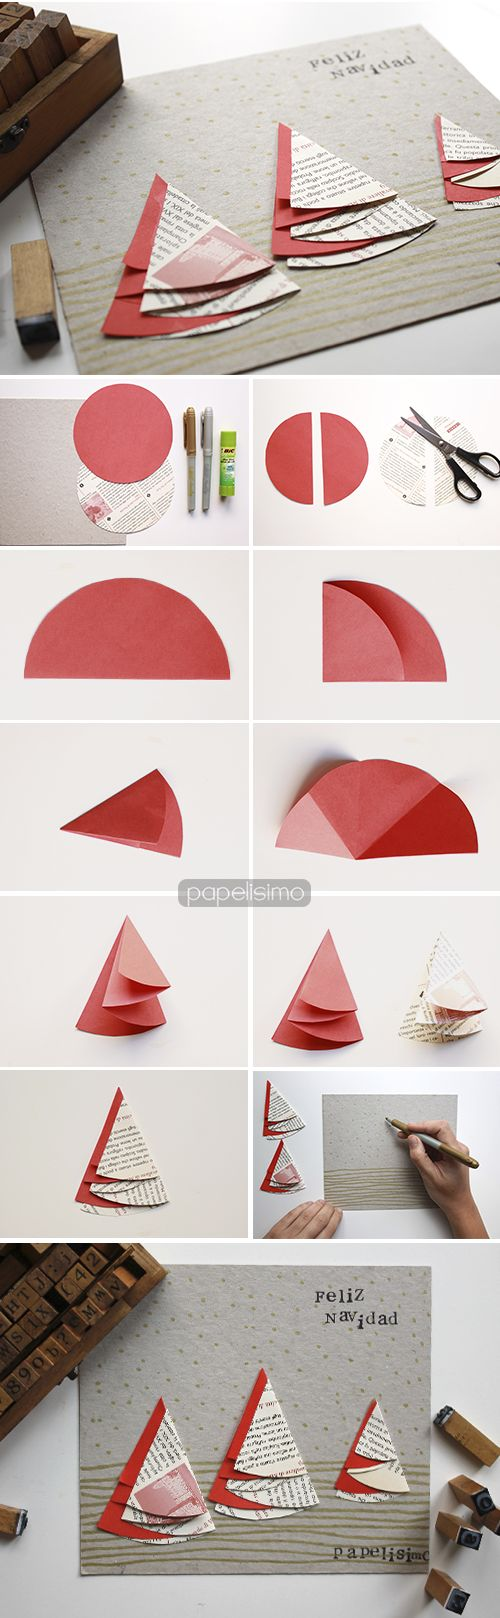 Tarjetas de Navidad hechas a mano originales | http://papelisimo.es/tarjetas-de-navidad-hechas-a-mano-originales/